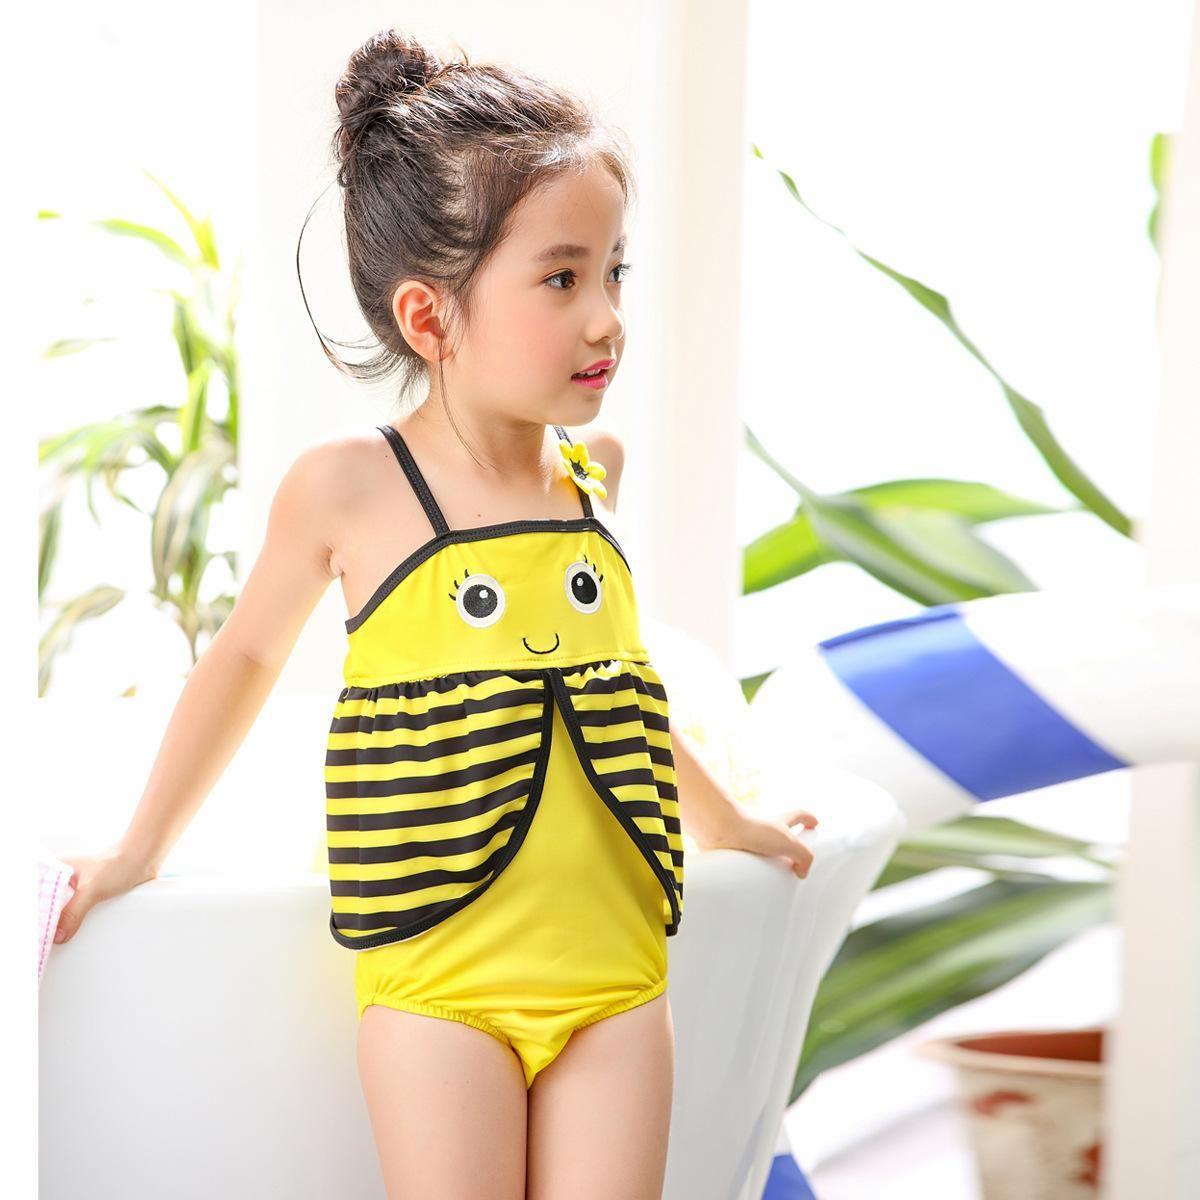 c2f234be1eb1 Children Swimwear Yellow Bee One-piece Swimsuit Girl Korean Female Baby  Child Girls 2 3 4 5 6 7 Years Old Kids Bikinis Kids Bikinis Children  Swimwear ...